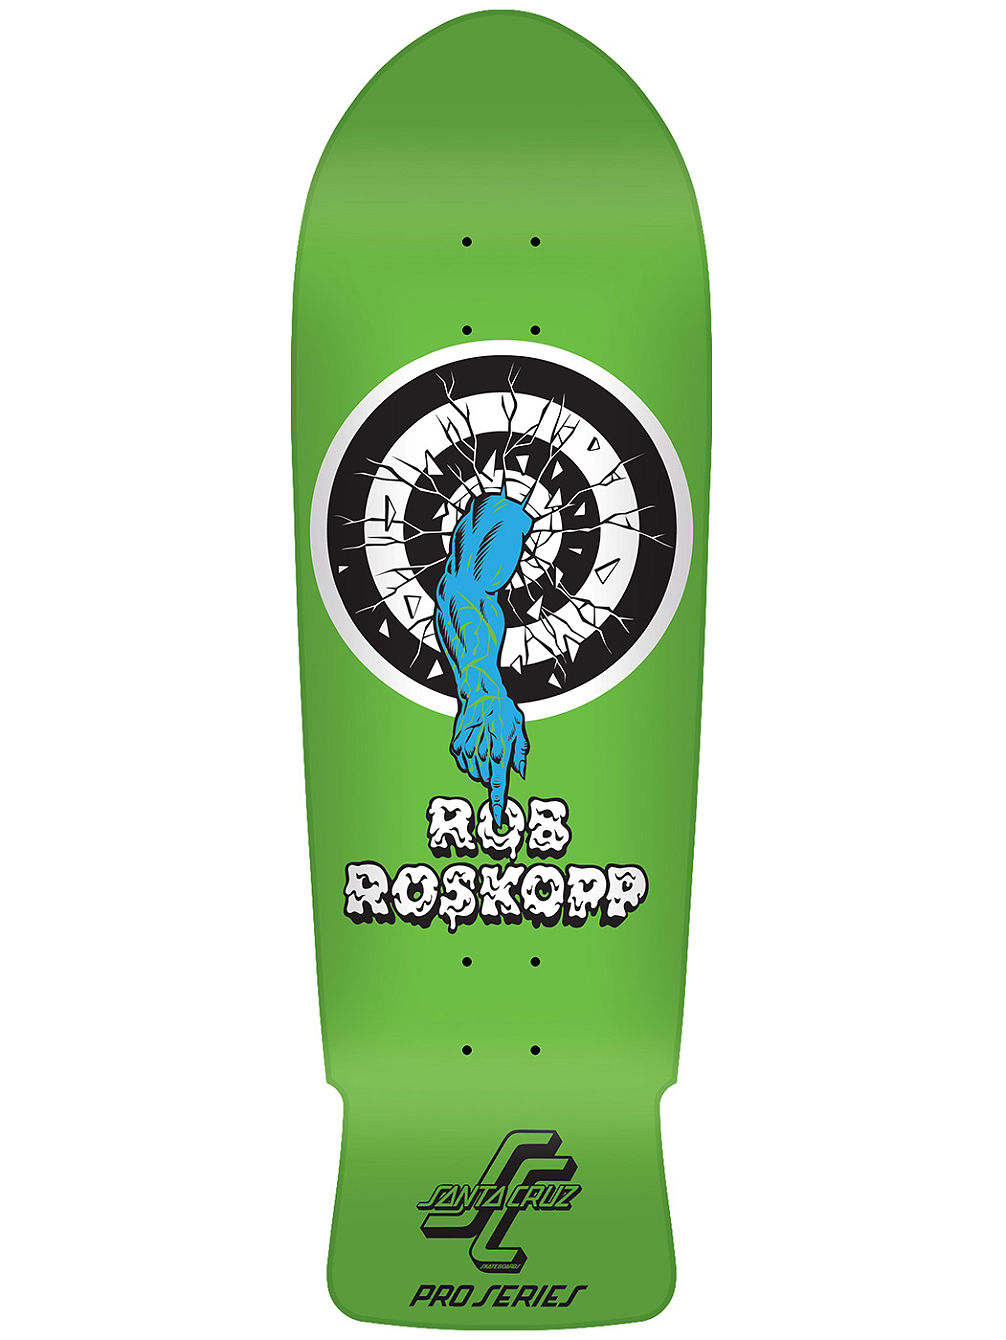 santa-cruz-roskopp-target-3-re-issue-1025-skatebo